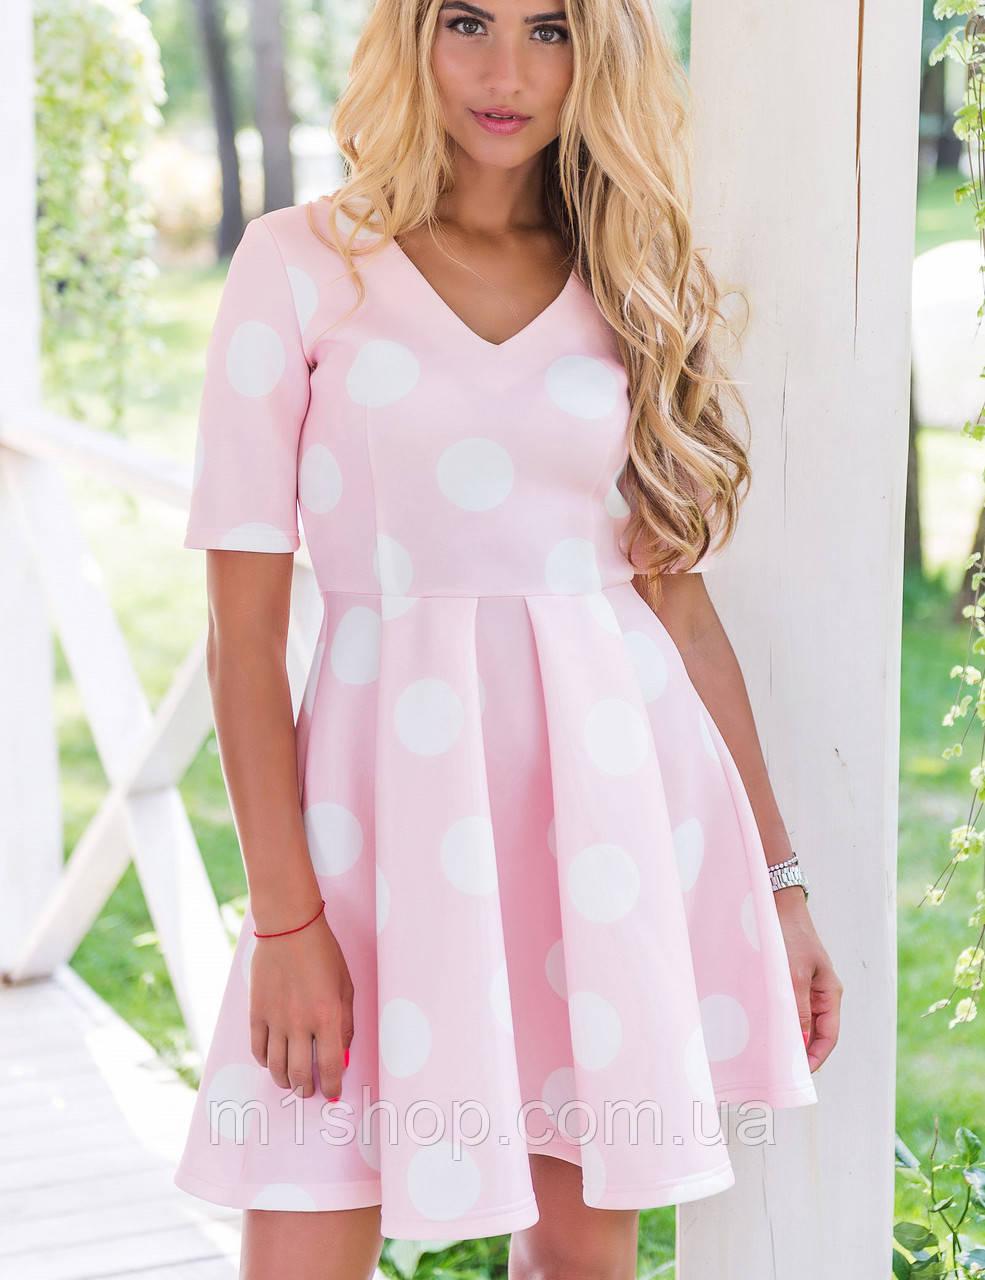 Милое платье | 2070 sk